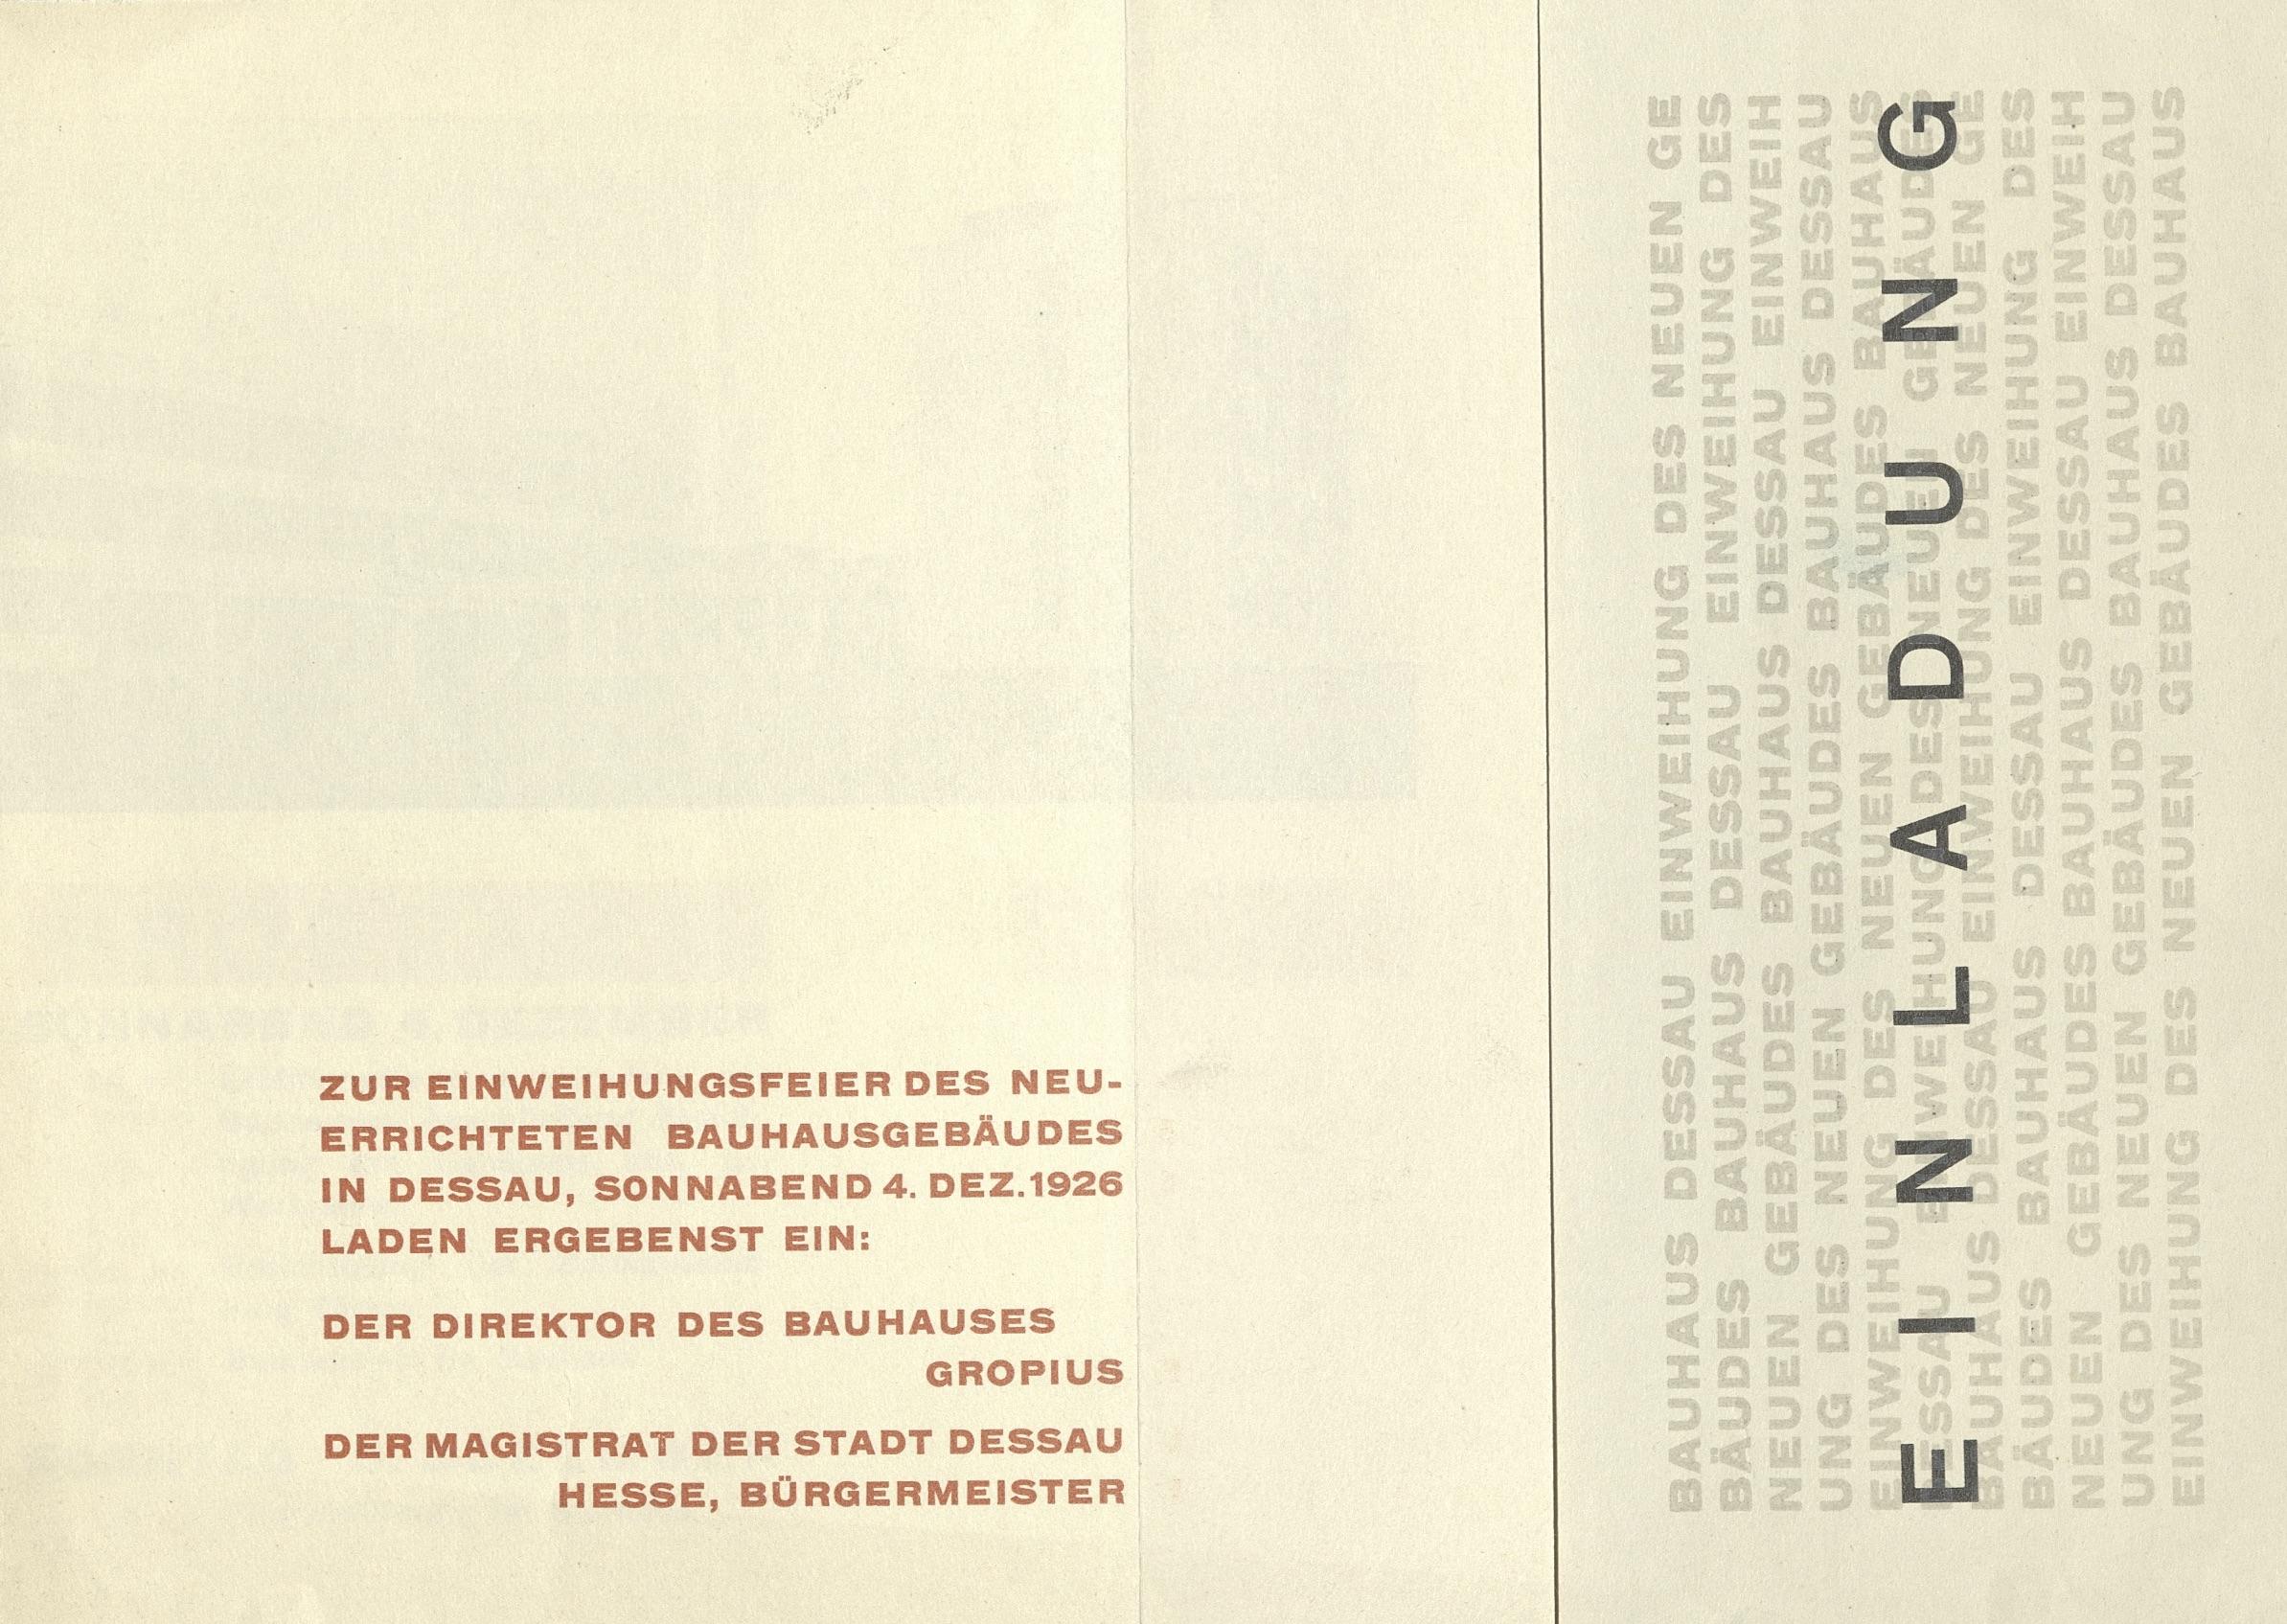 Einweihungsfeier des Neuerrichteten Bauhausgebäudes in Dessau, 4.12.1926 (Invitation); Archiv der Avantgarden, Staatliche Kunstsammlungen Dresden